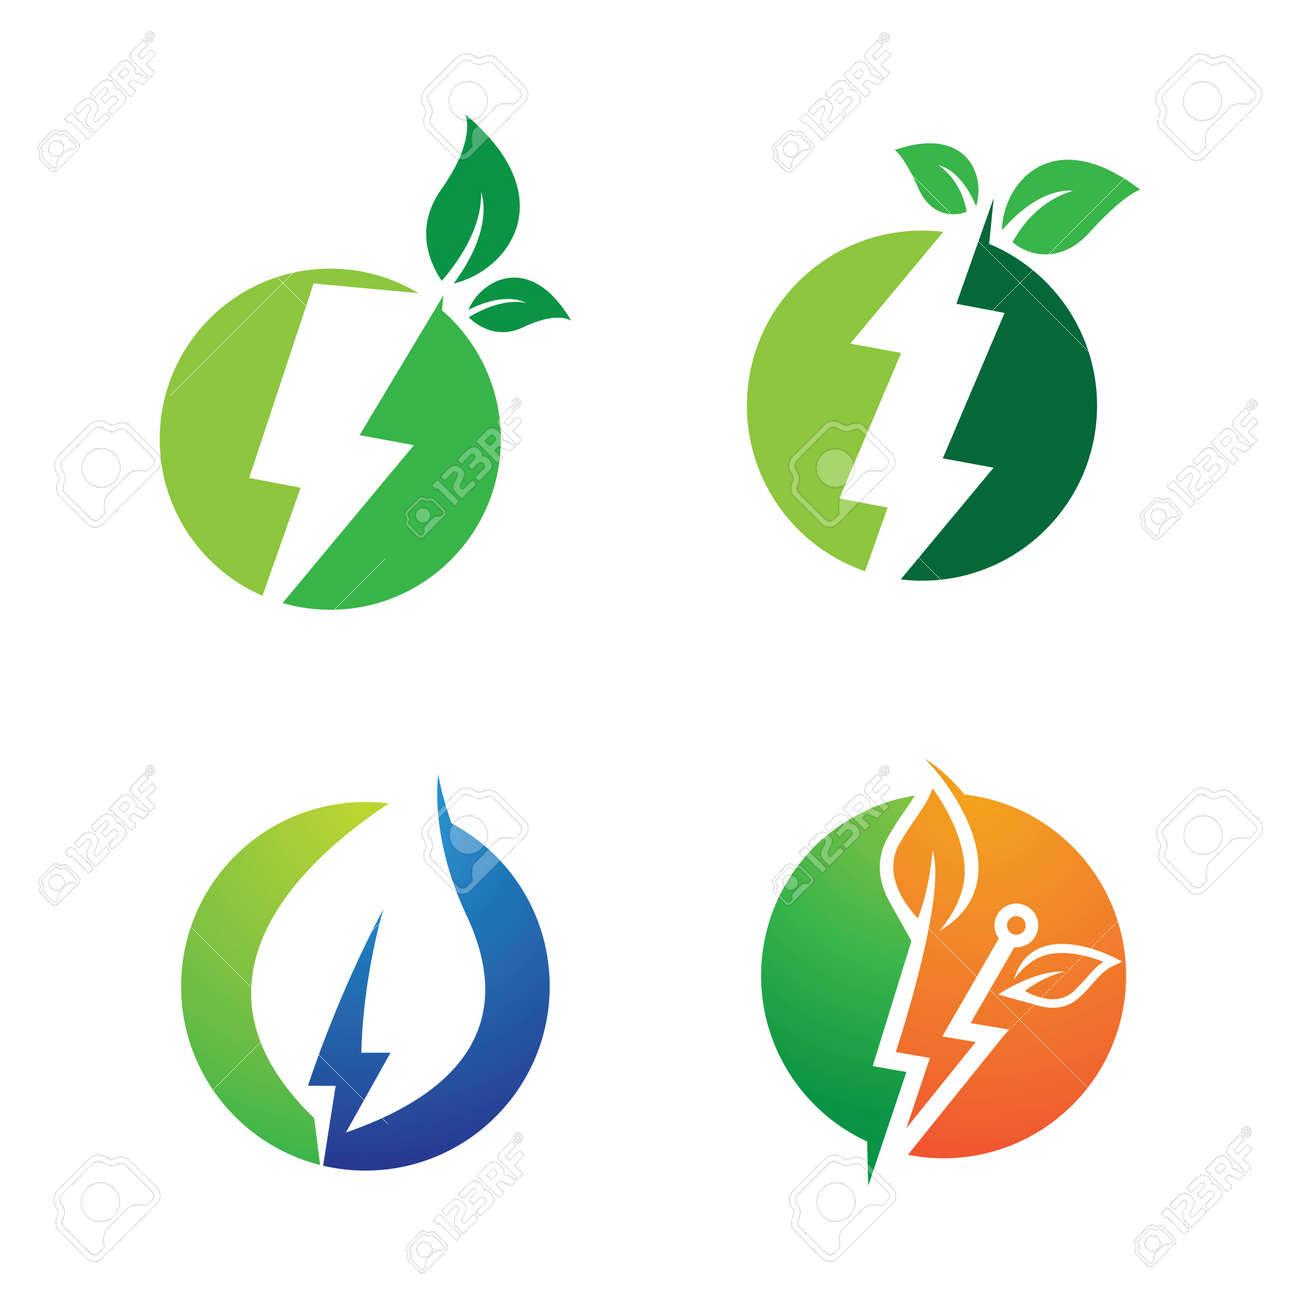 Eco energy logo images illustration design - 171705474